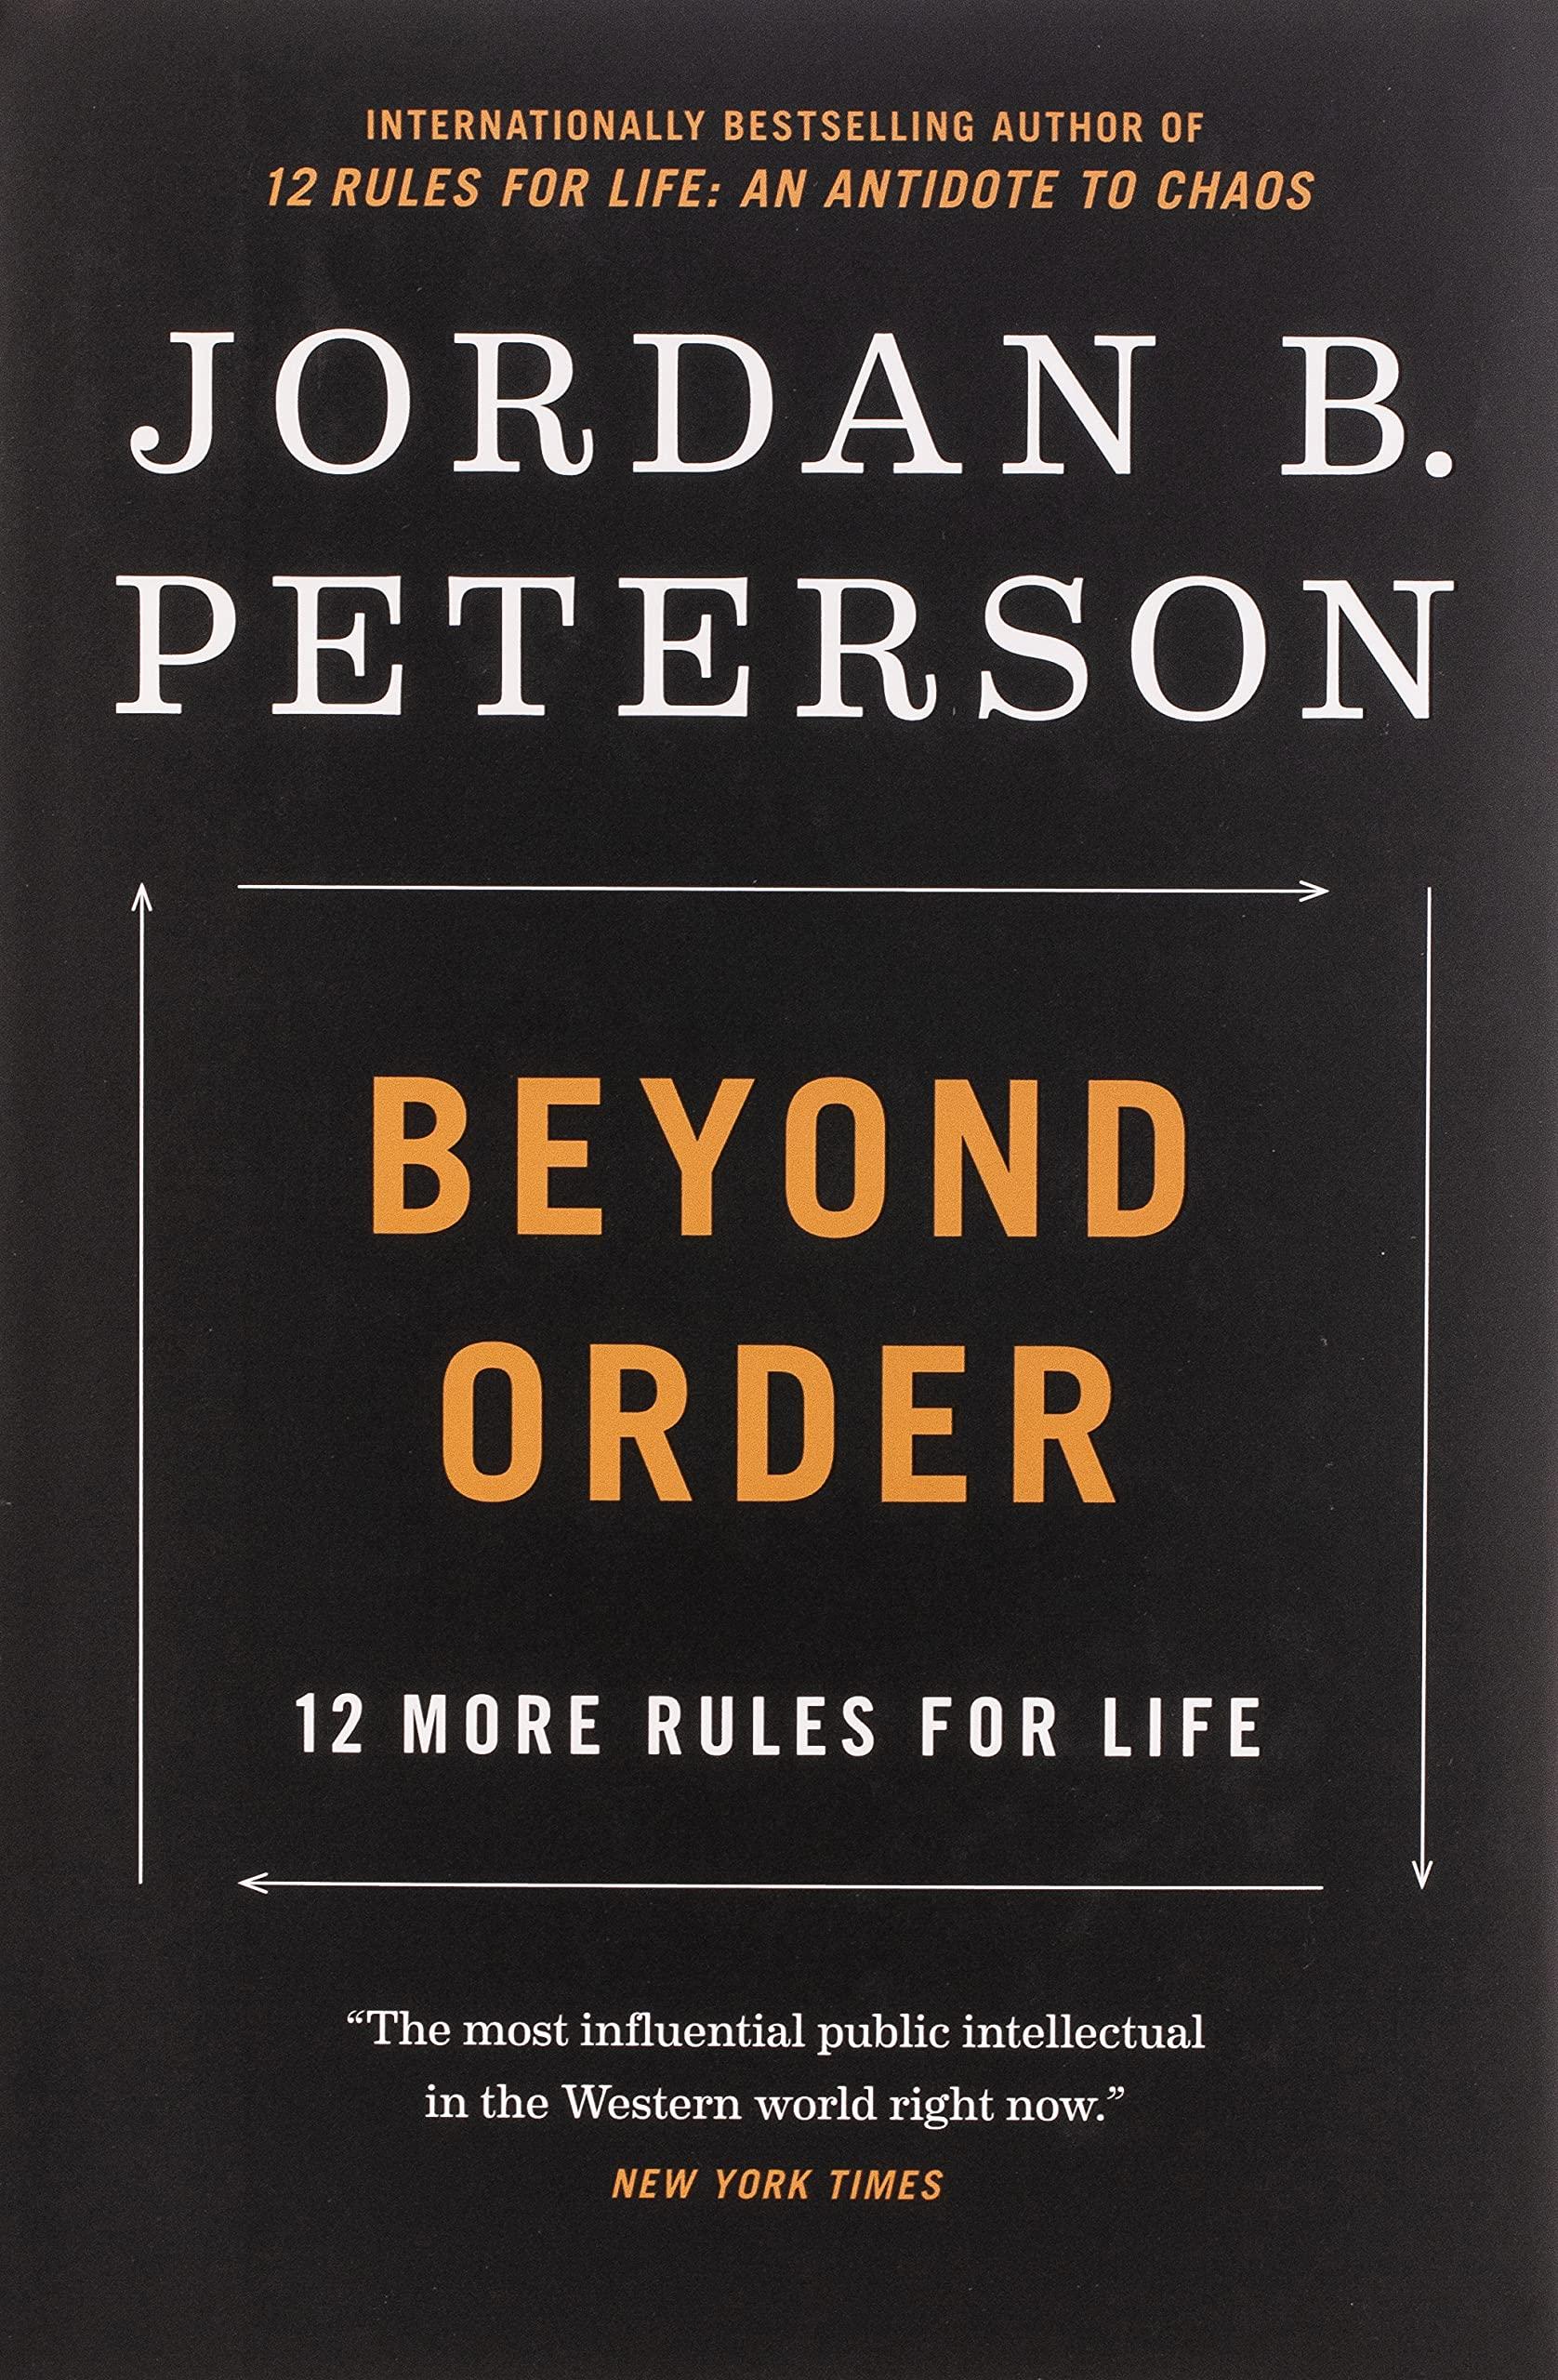 Beyond Order: 12 More Rules for Life - Peterson, Jordan B